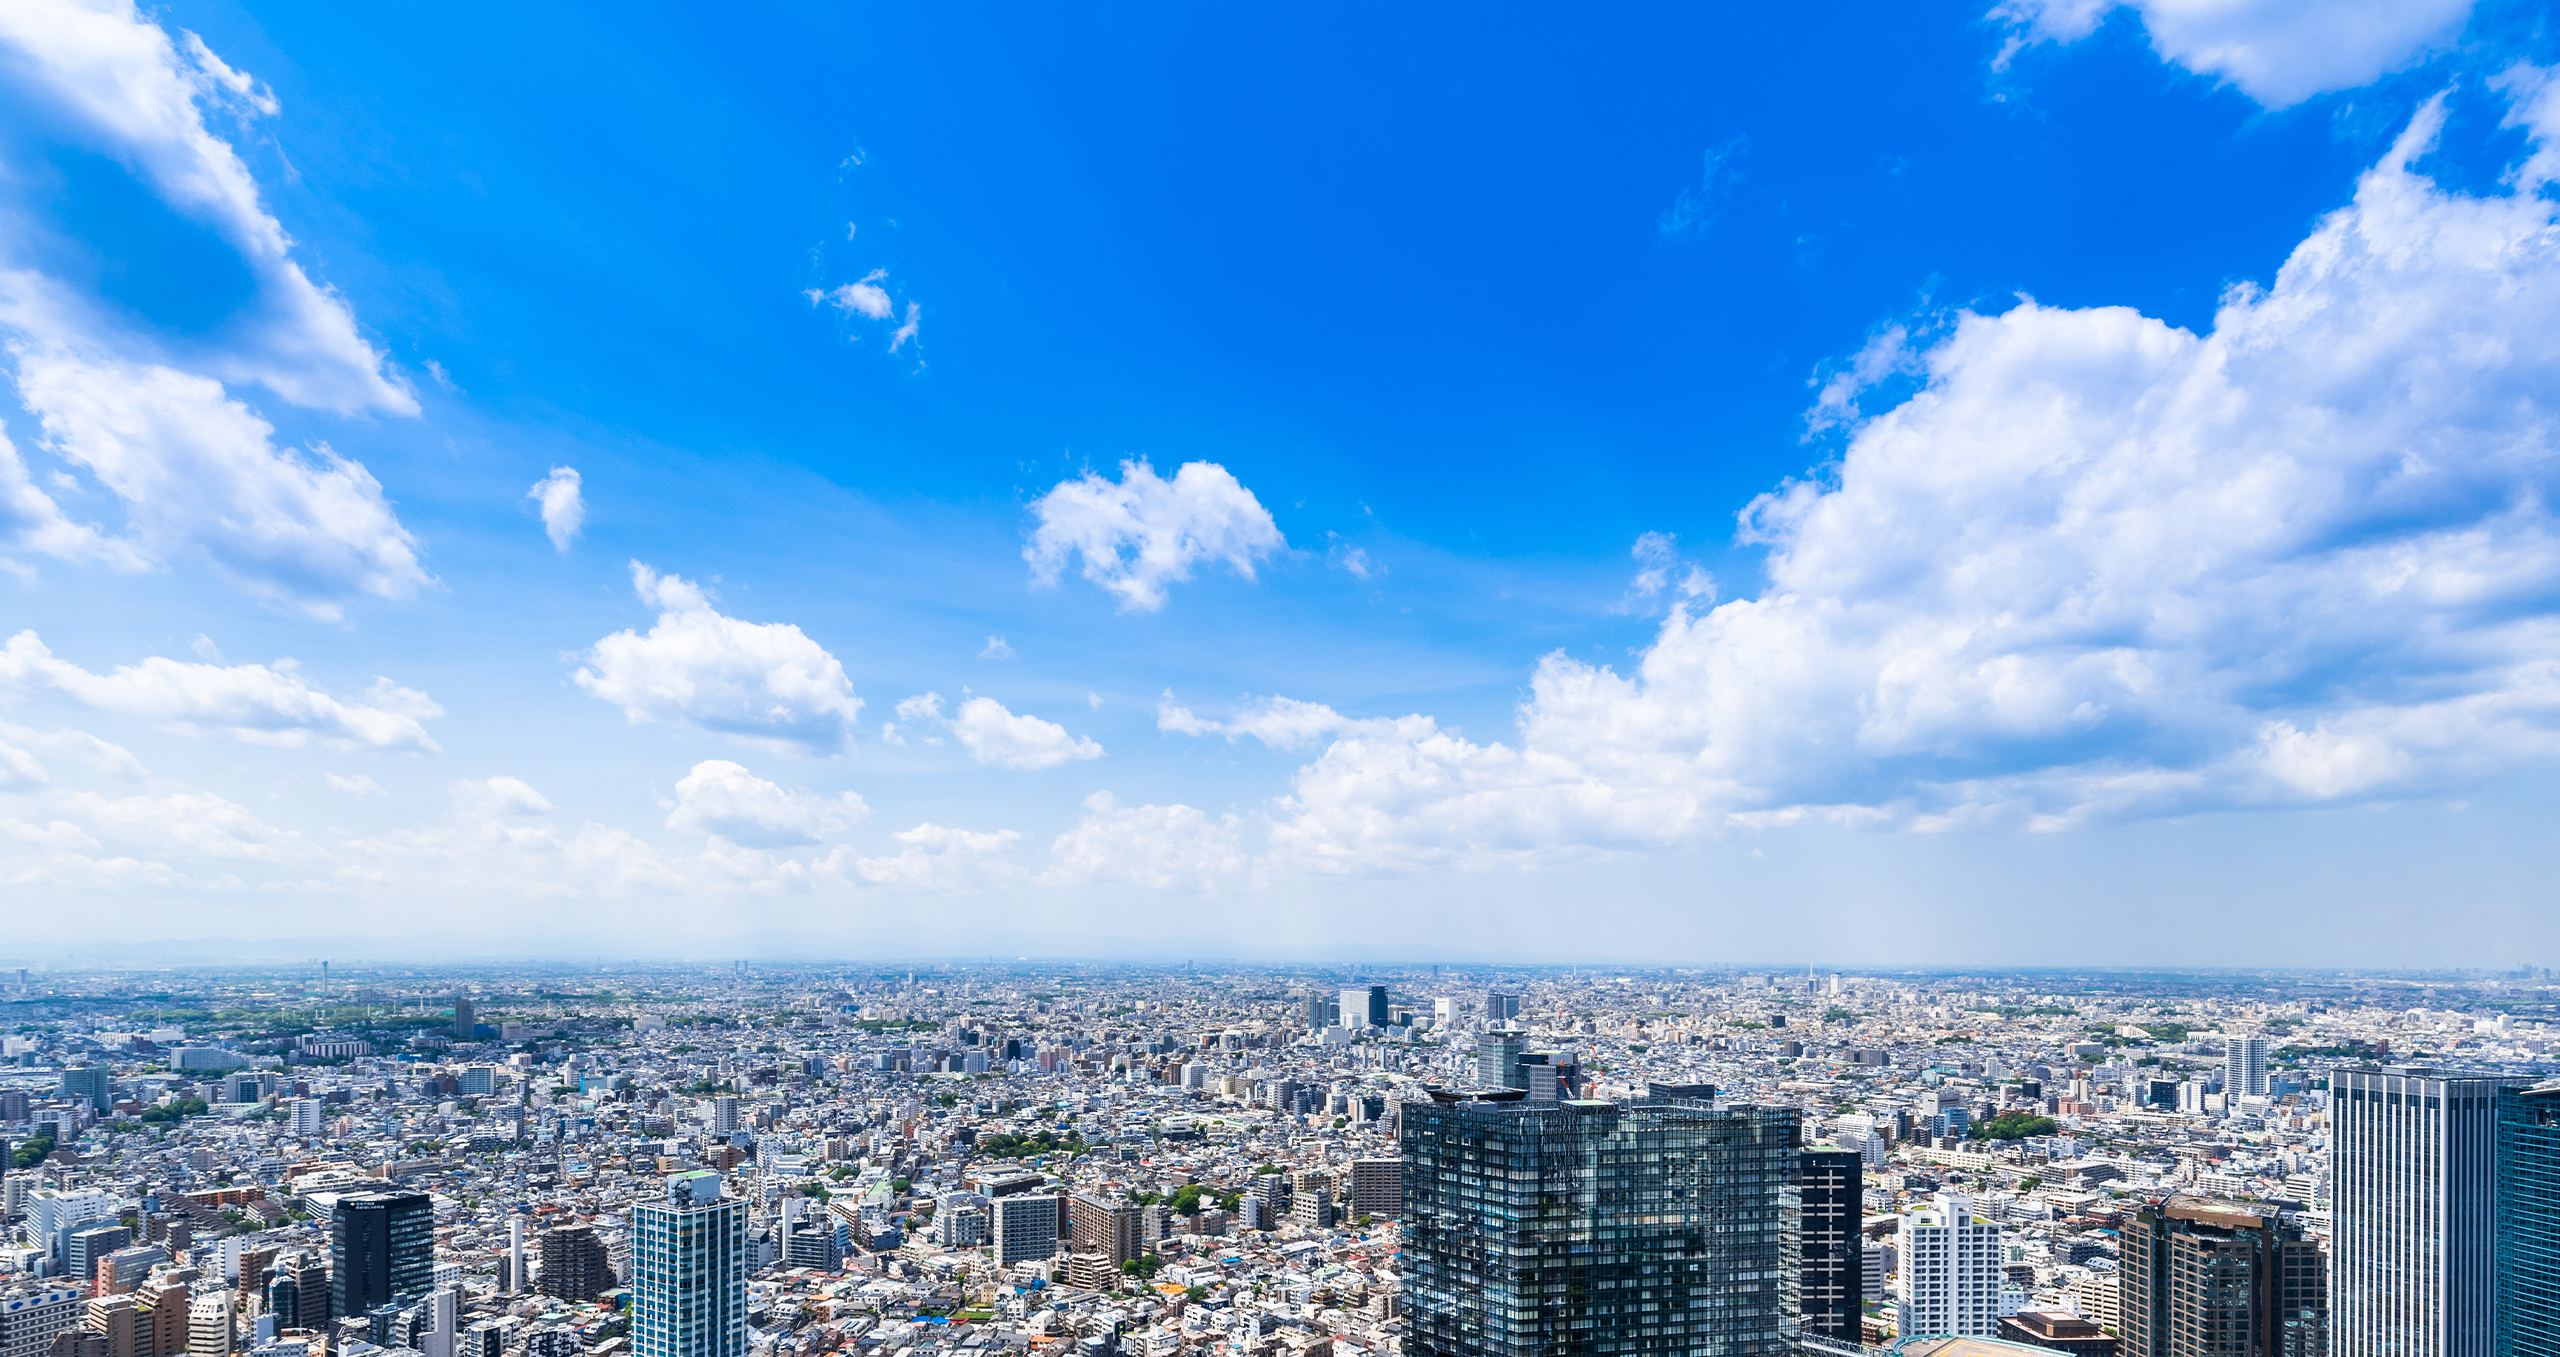 東京電設サービス株式会社(TDS)は、「社会インフラ設備のグローバル・エンジニアリング企業」として安心・快適な日常生活を支えています。